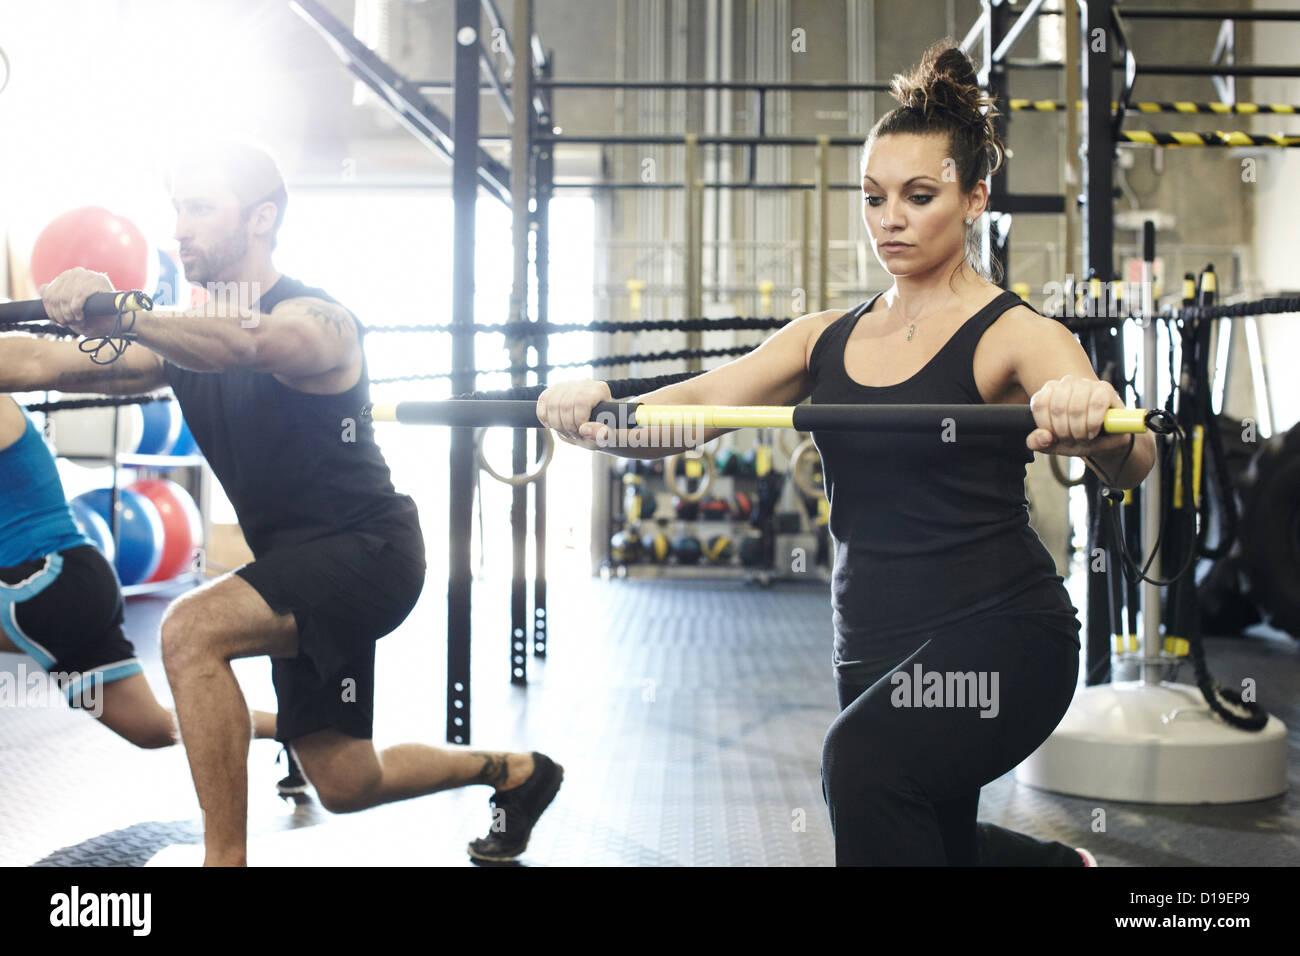 Mujer trabajando en un gimnasio con bar y cable de resistencia Imagen De Stock